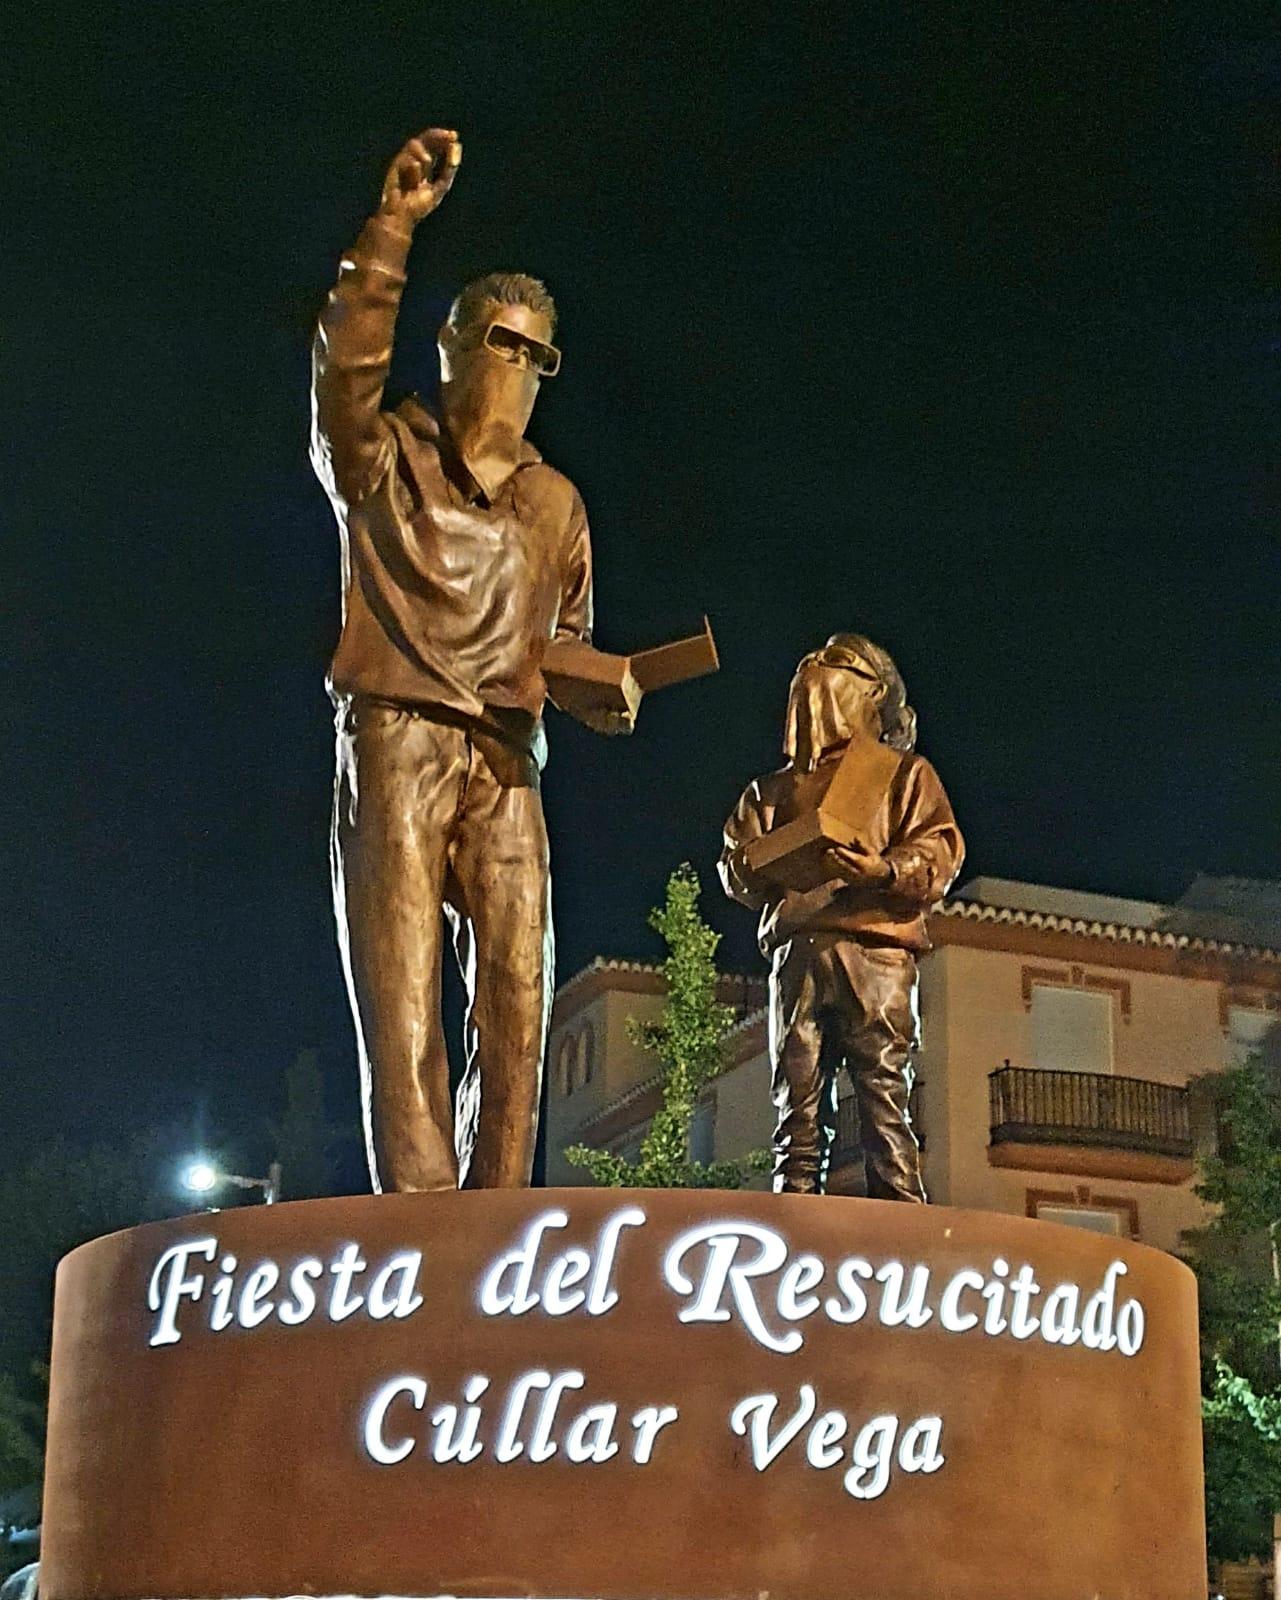 Cúllar Vega dedica un monumento a la Procesión del Resucitado